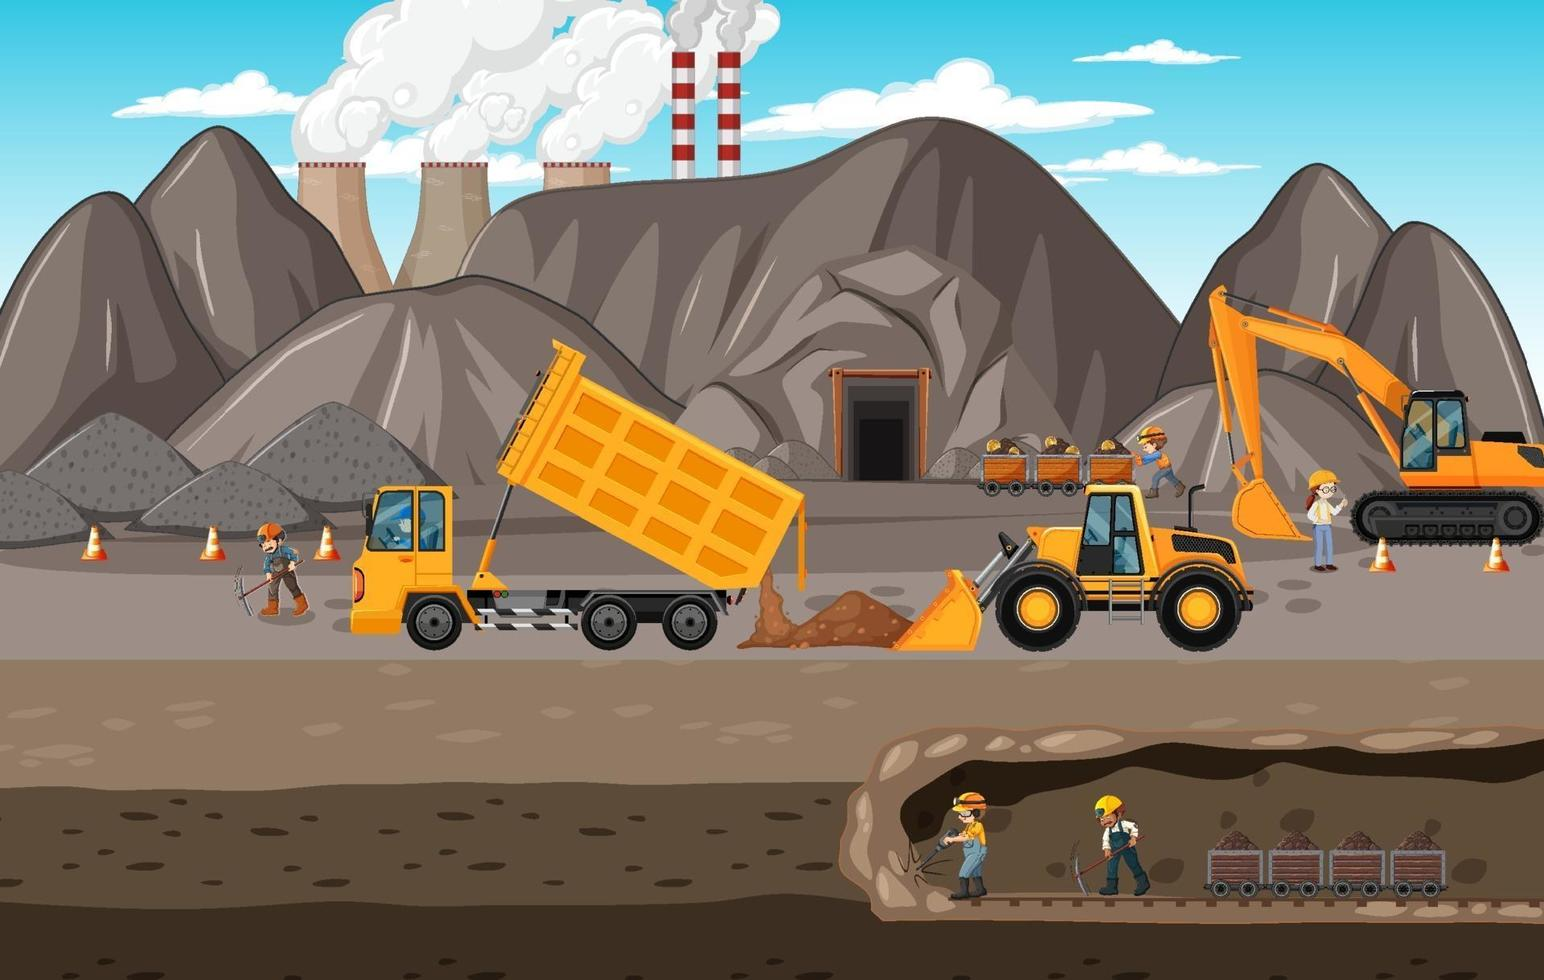 paesaggio delle miniere di carbone con scena sotterranea vettore